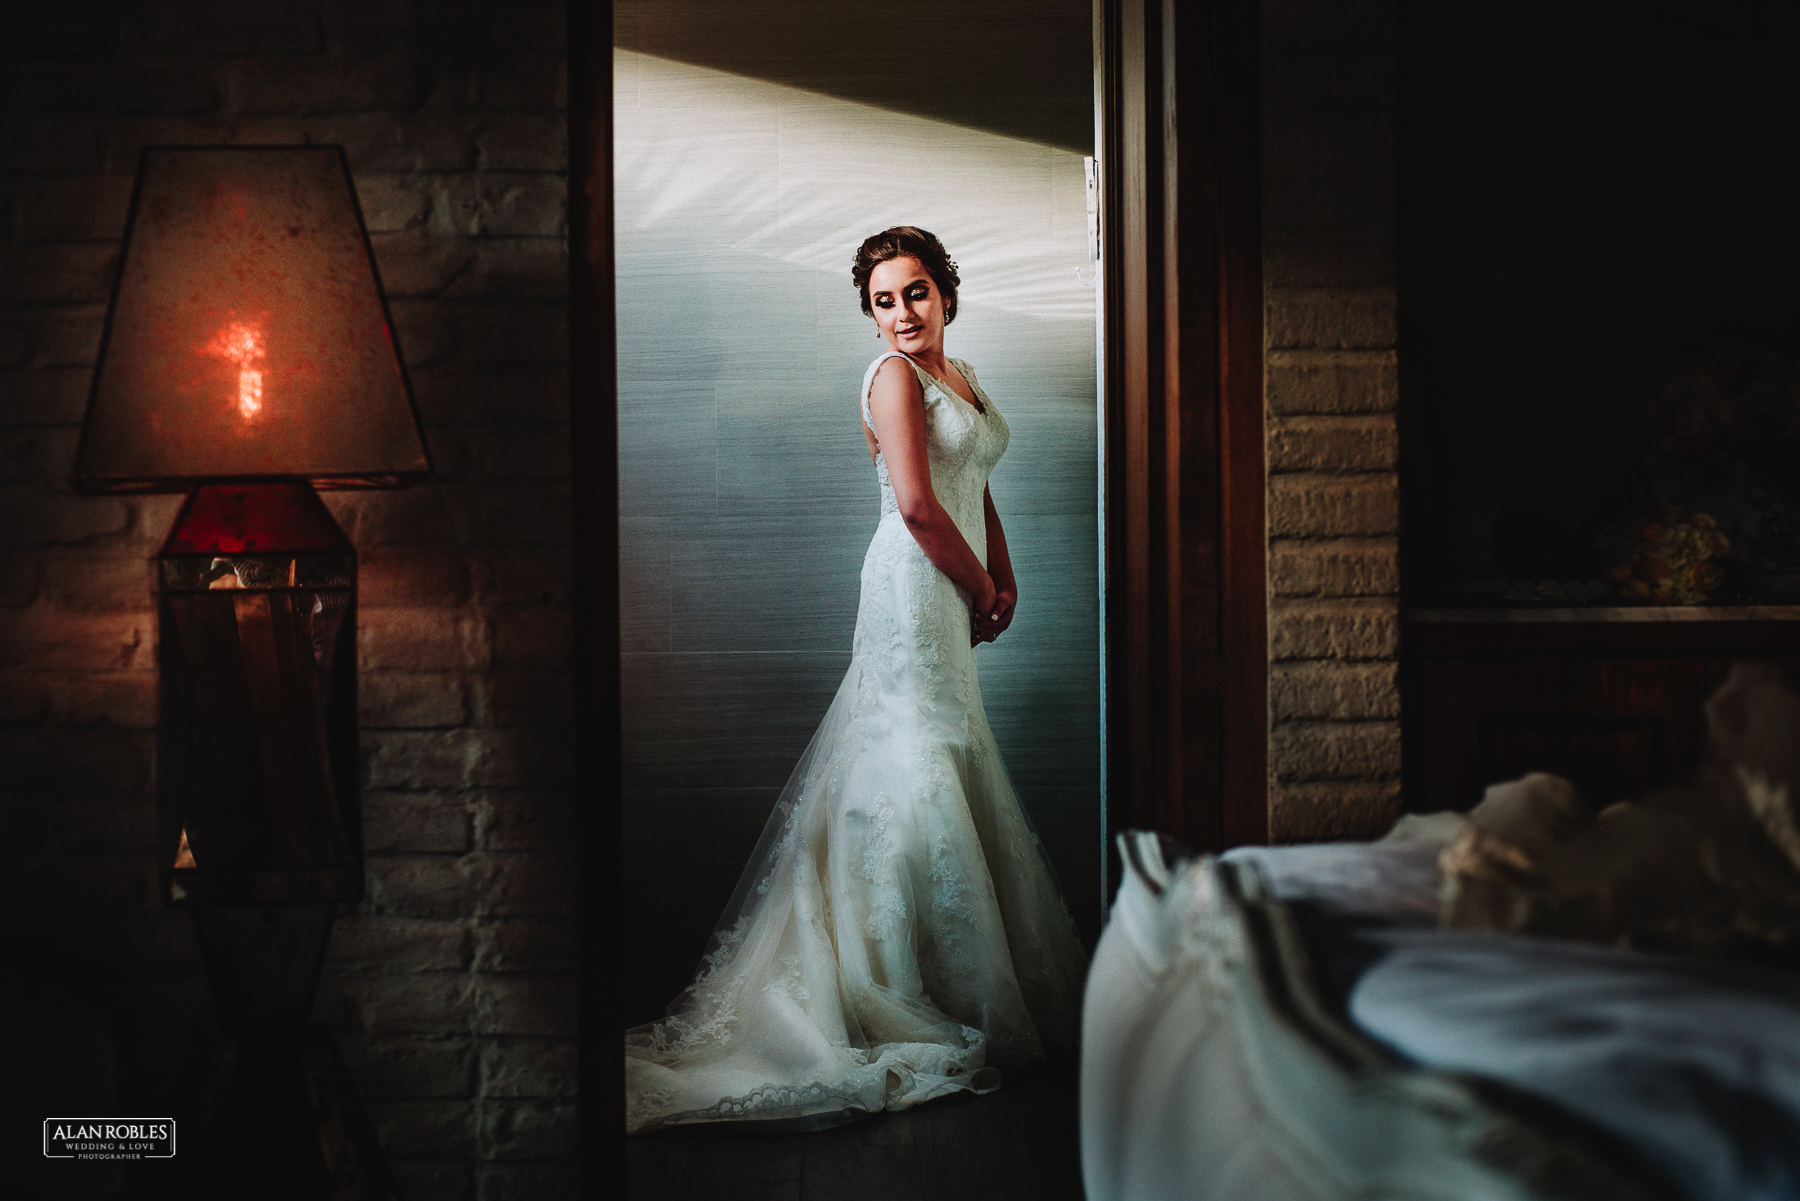 Fotografo de bodas Alan Robles-Casa Clementina Guadalajara DyA-34